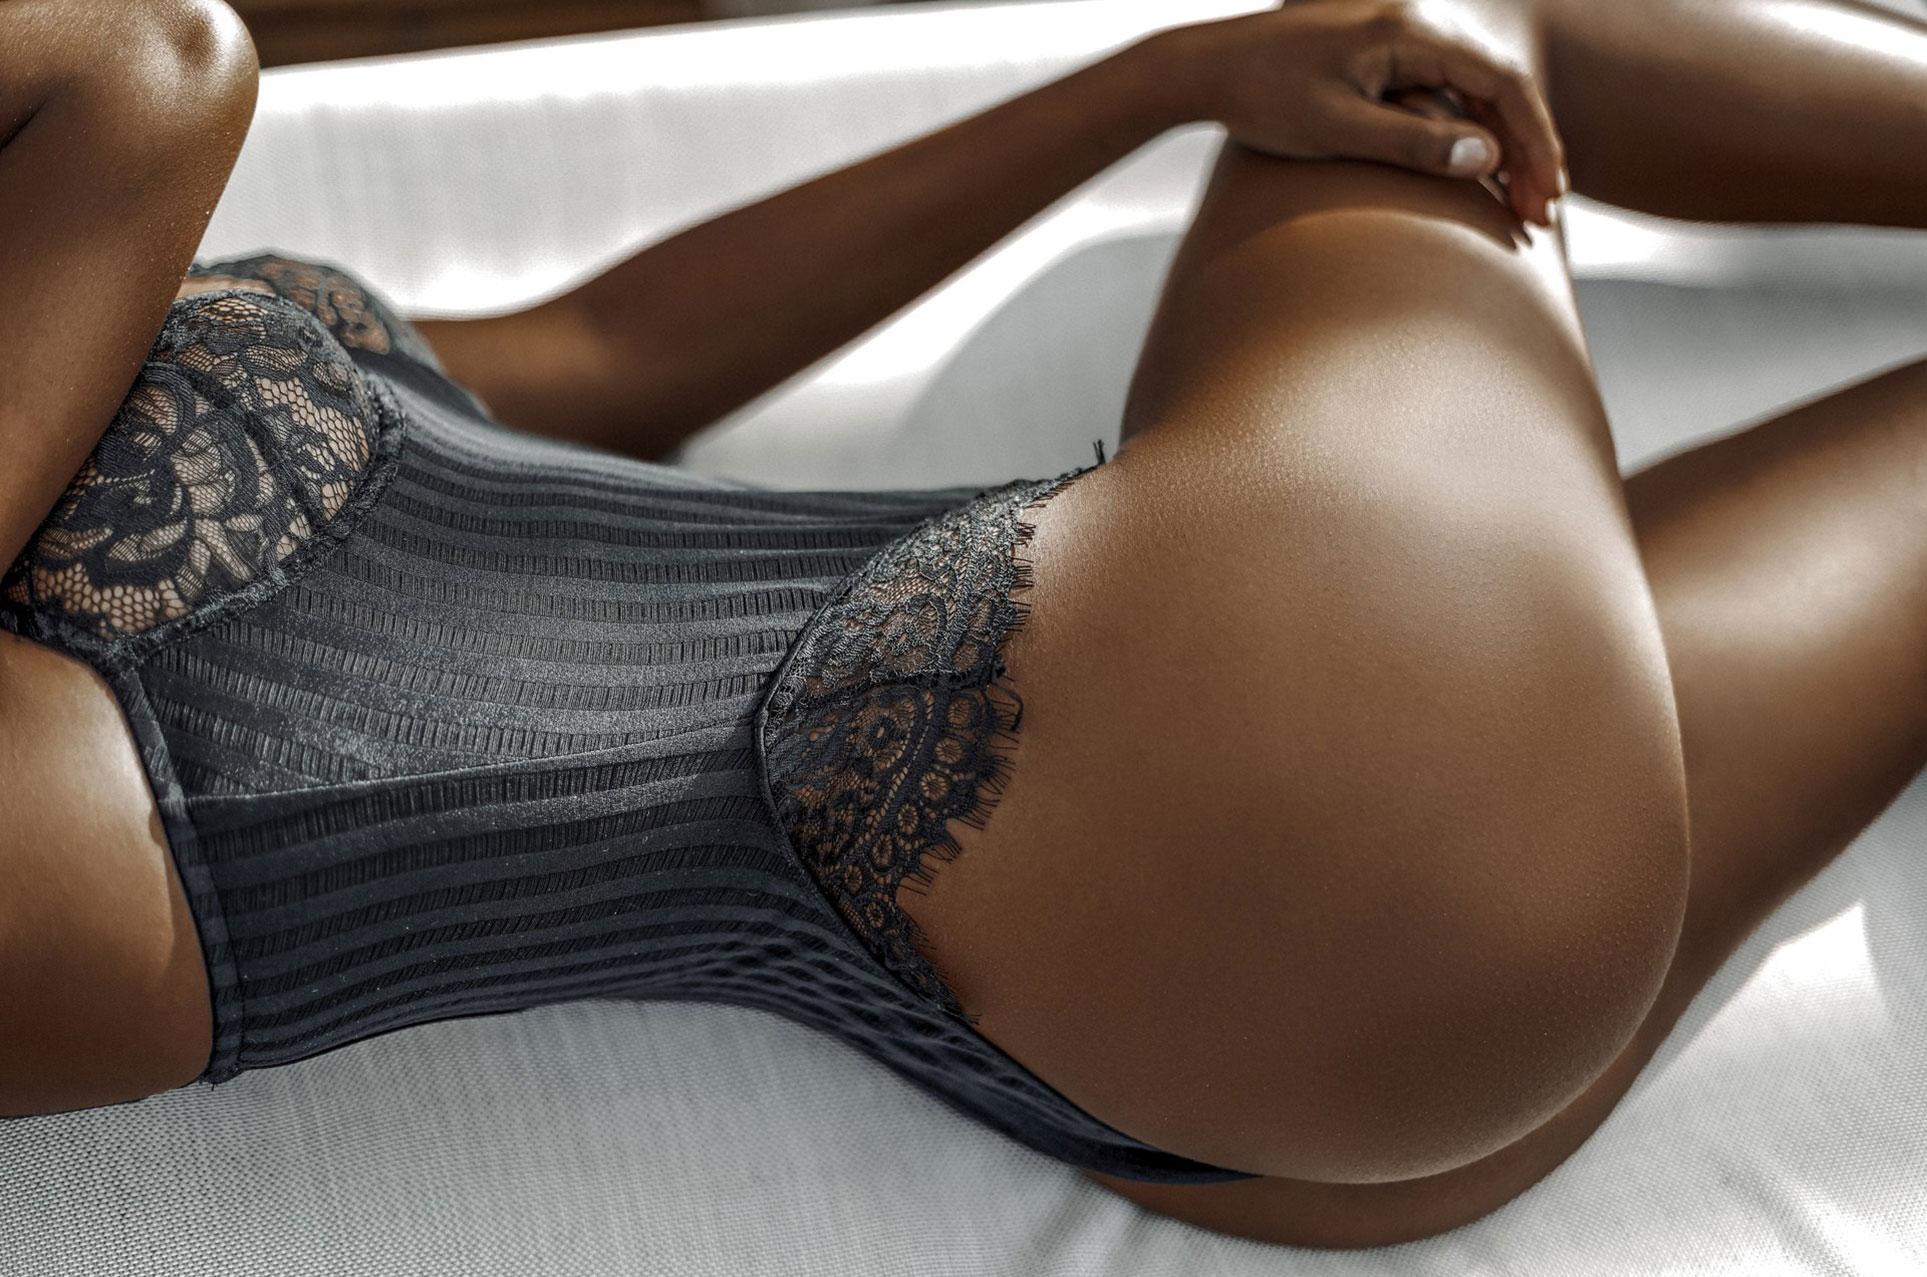 Тина Кунаки в нижнем белье Gooseberry / фото 21